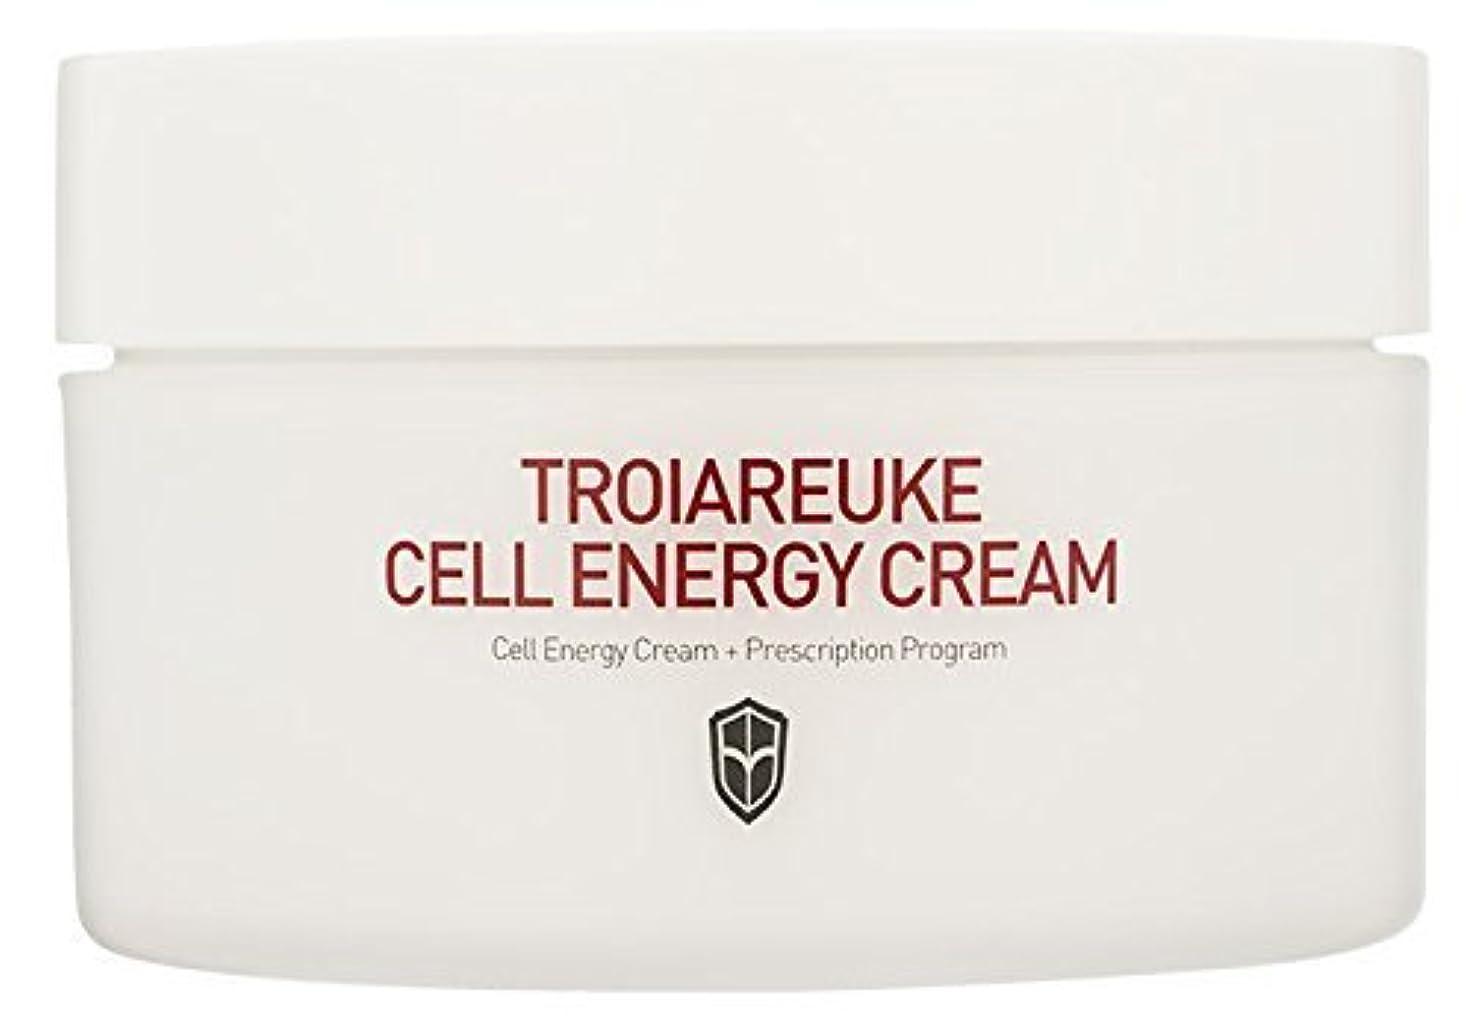 対人治安判事条約TROIAREUKE セル エネルギー クリーム / Cell Energy Cream (125ml) [並行輸入品]